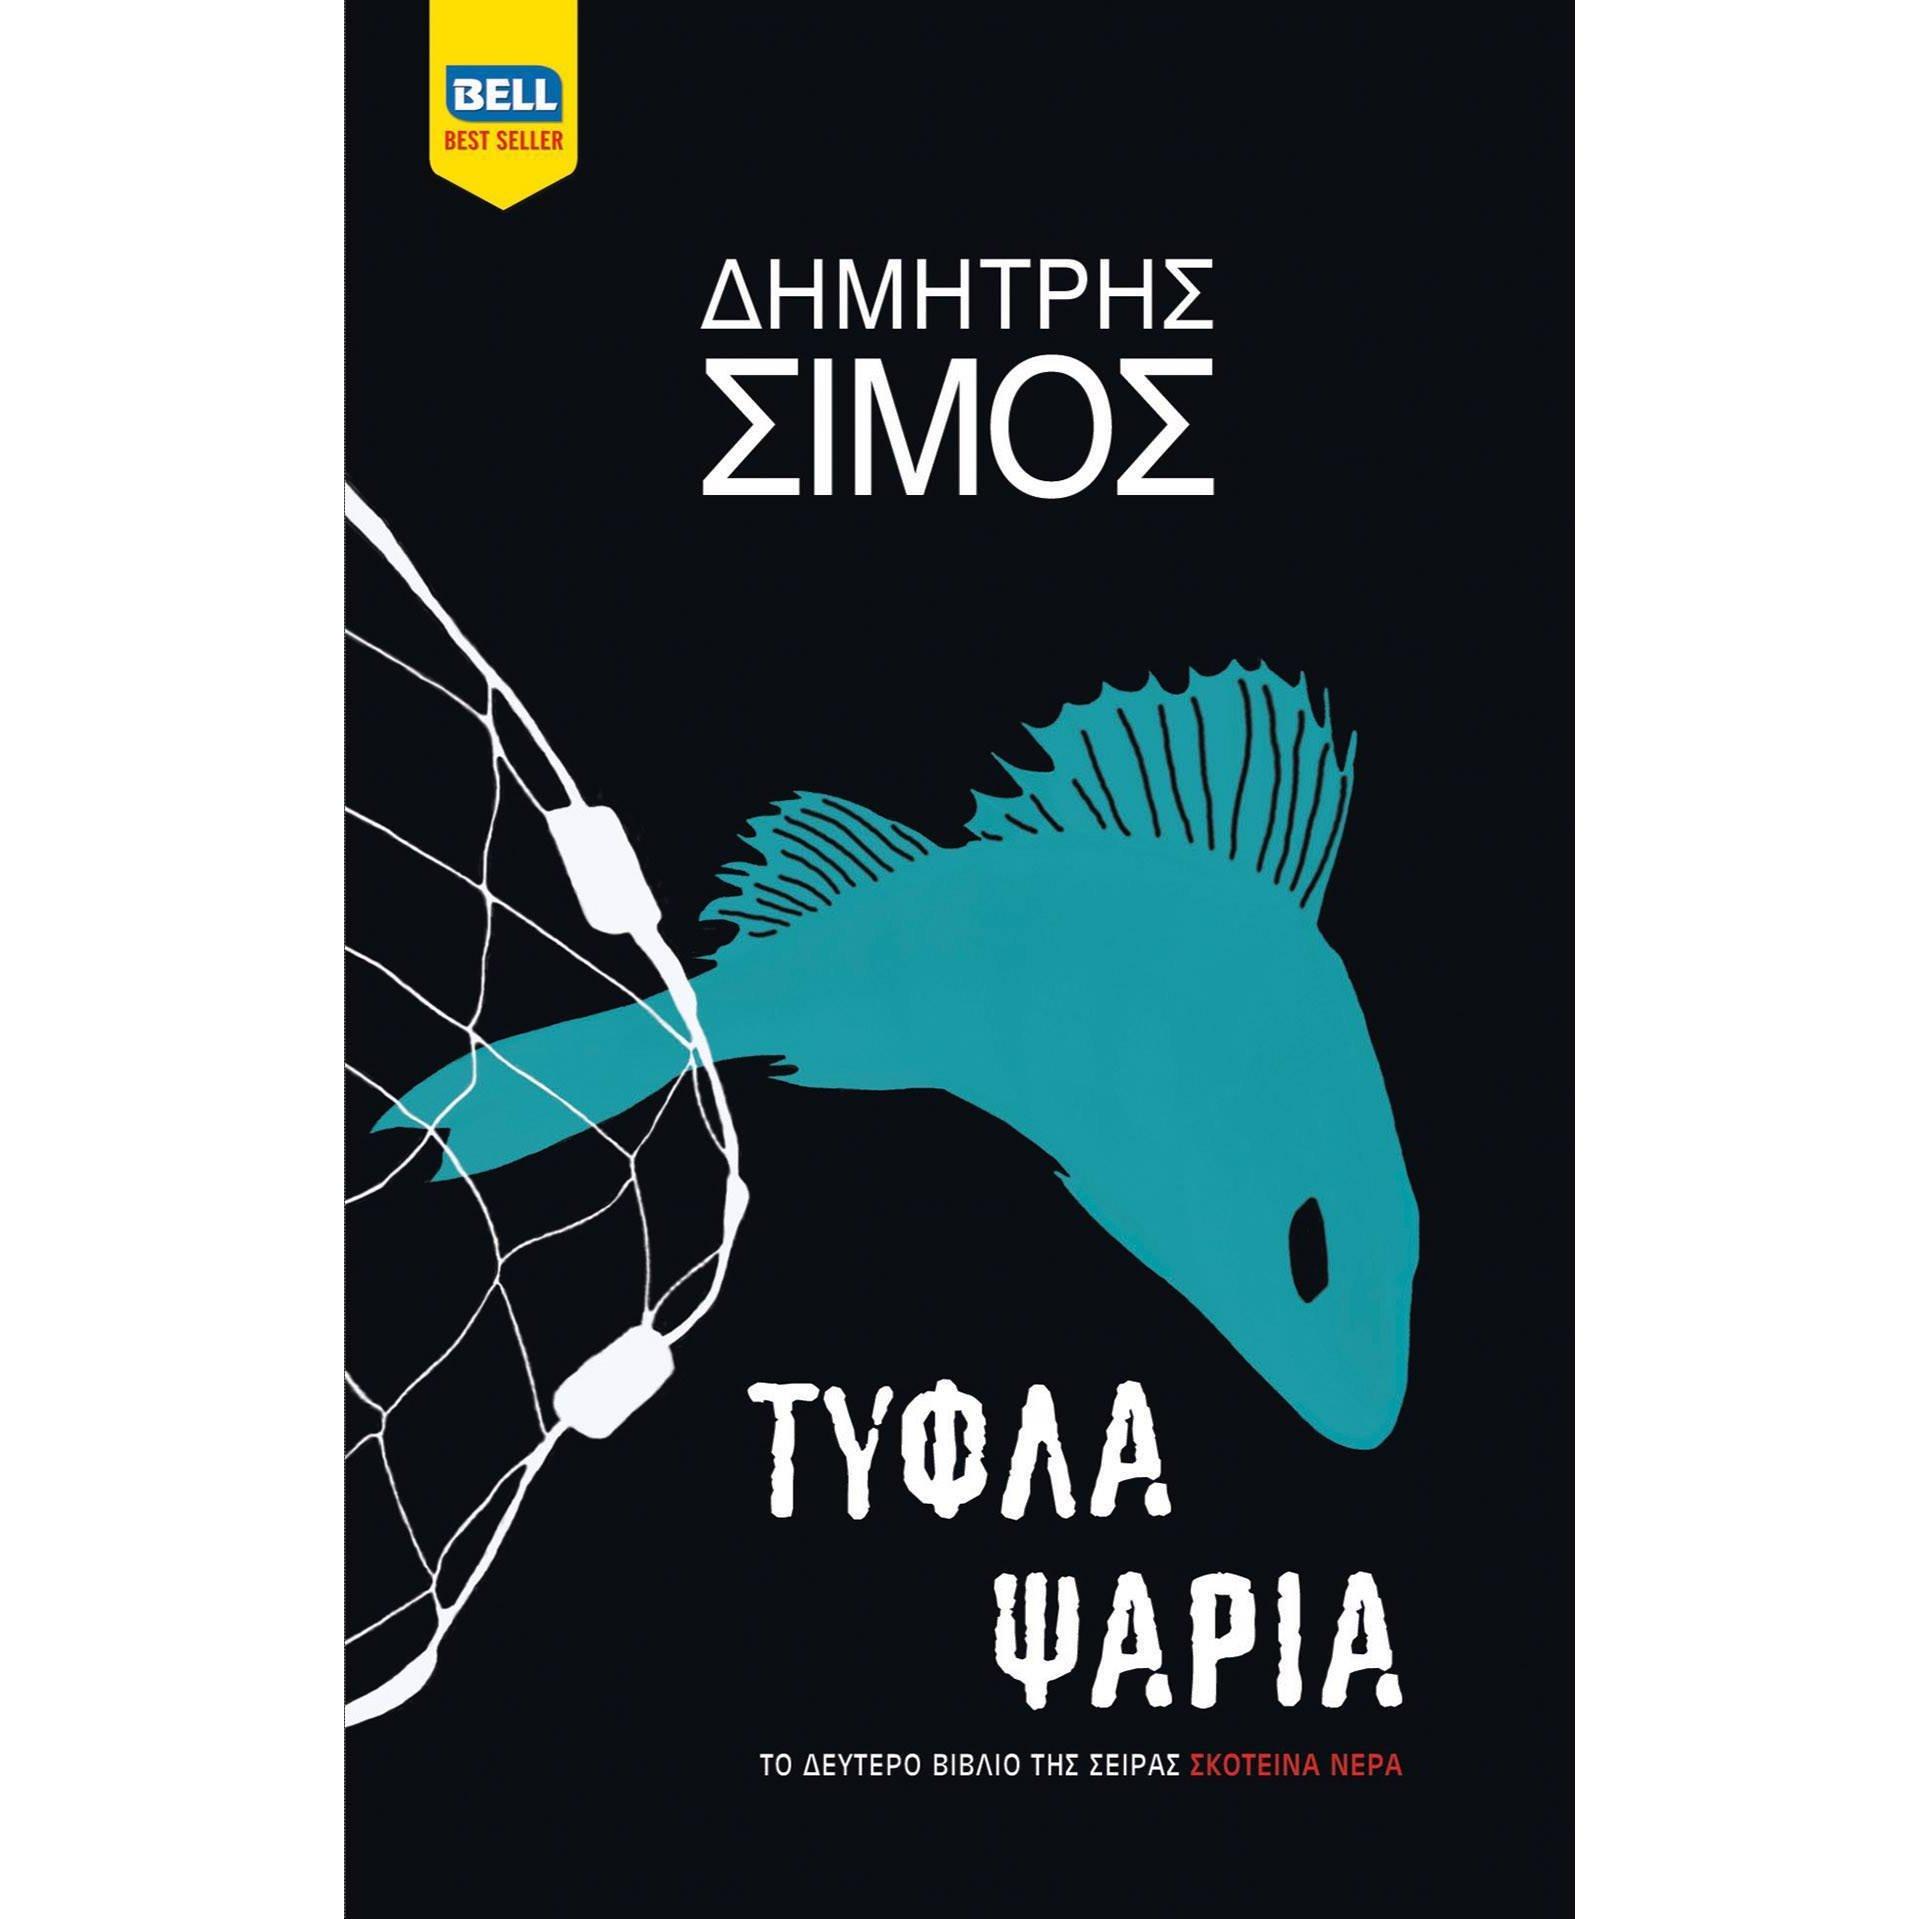 «Τυφλά Ψάρια» (Σκοτεινά Νερά #2) του Δημήτρη Σίμου από τις εκδόσεις Bell